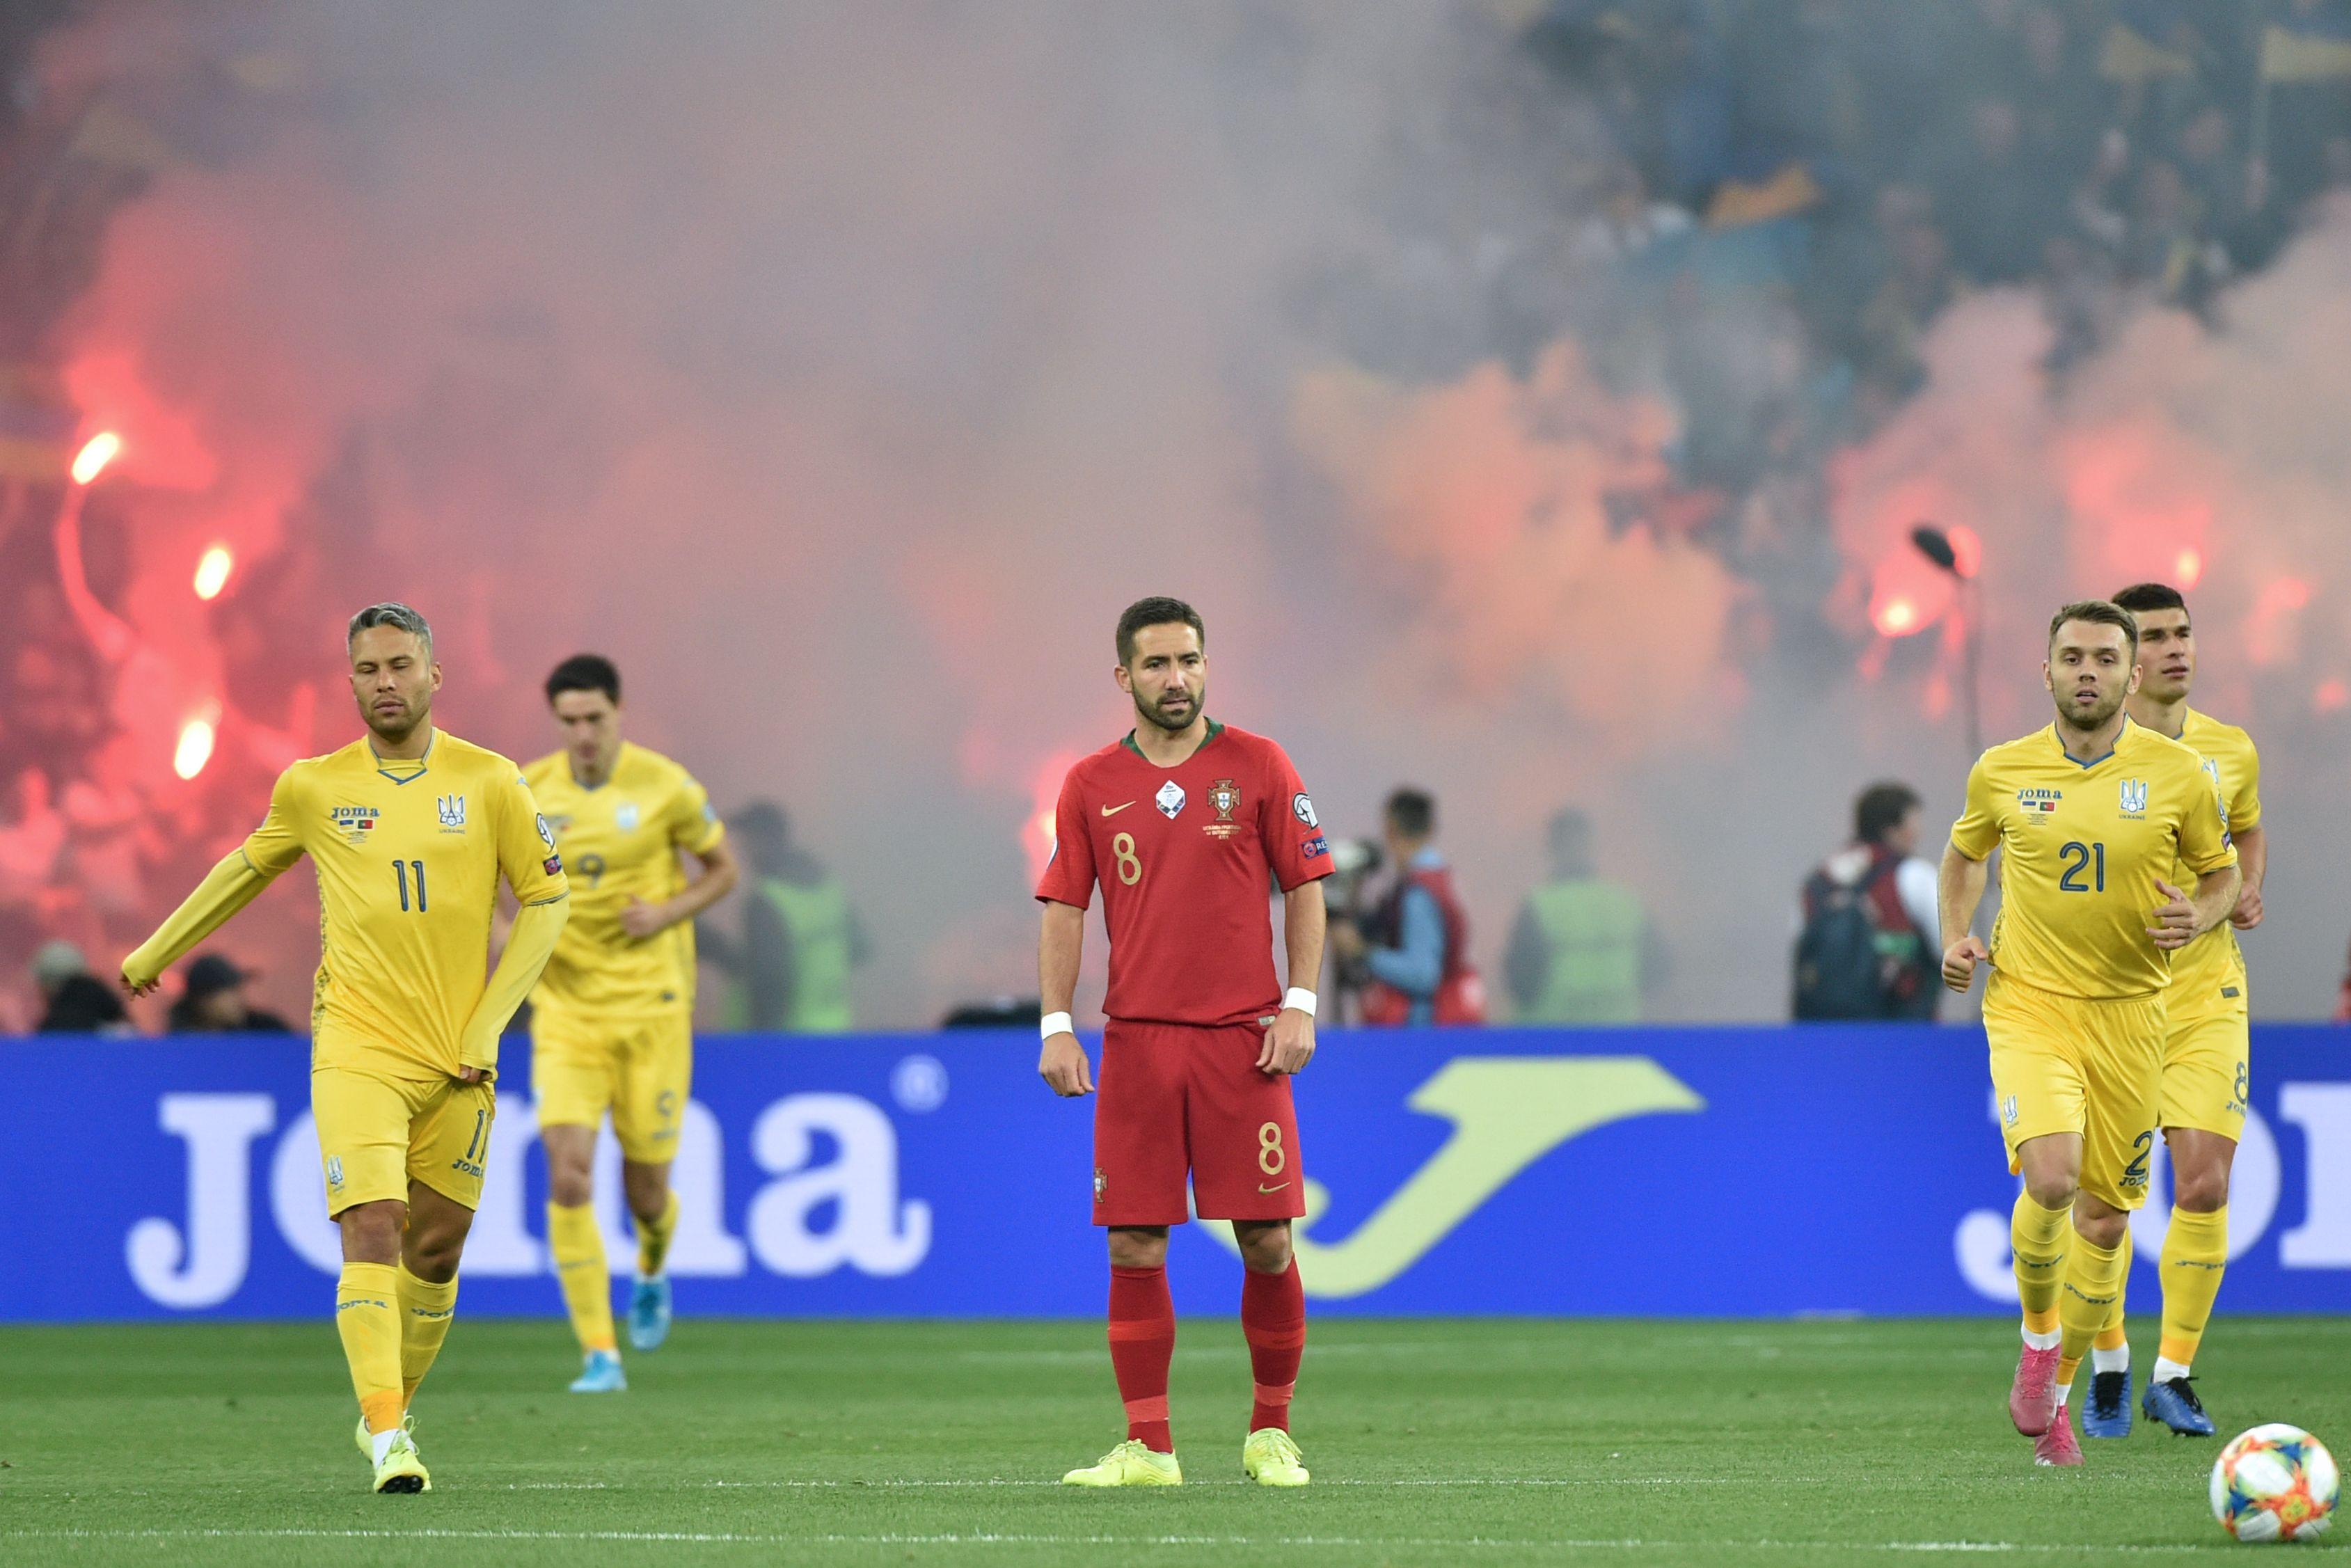 Украина - Португалия 2:1. Стопроцентная евроинтеграция, или Танец на костях чемпиона - изображение 1